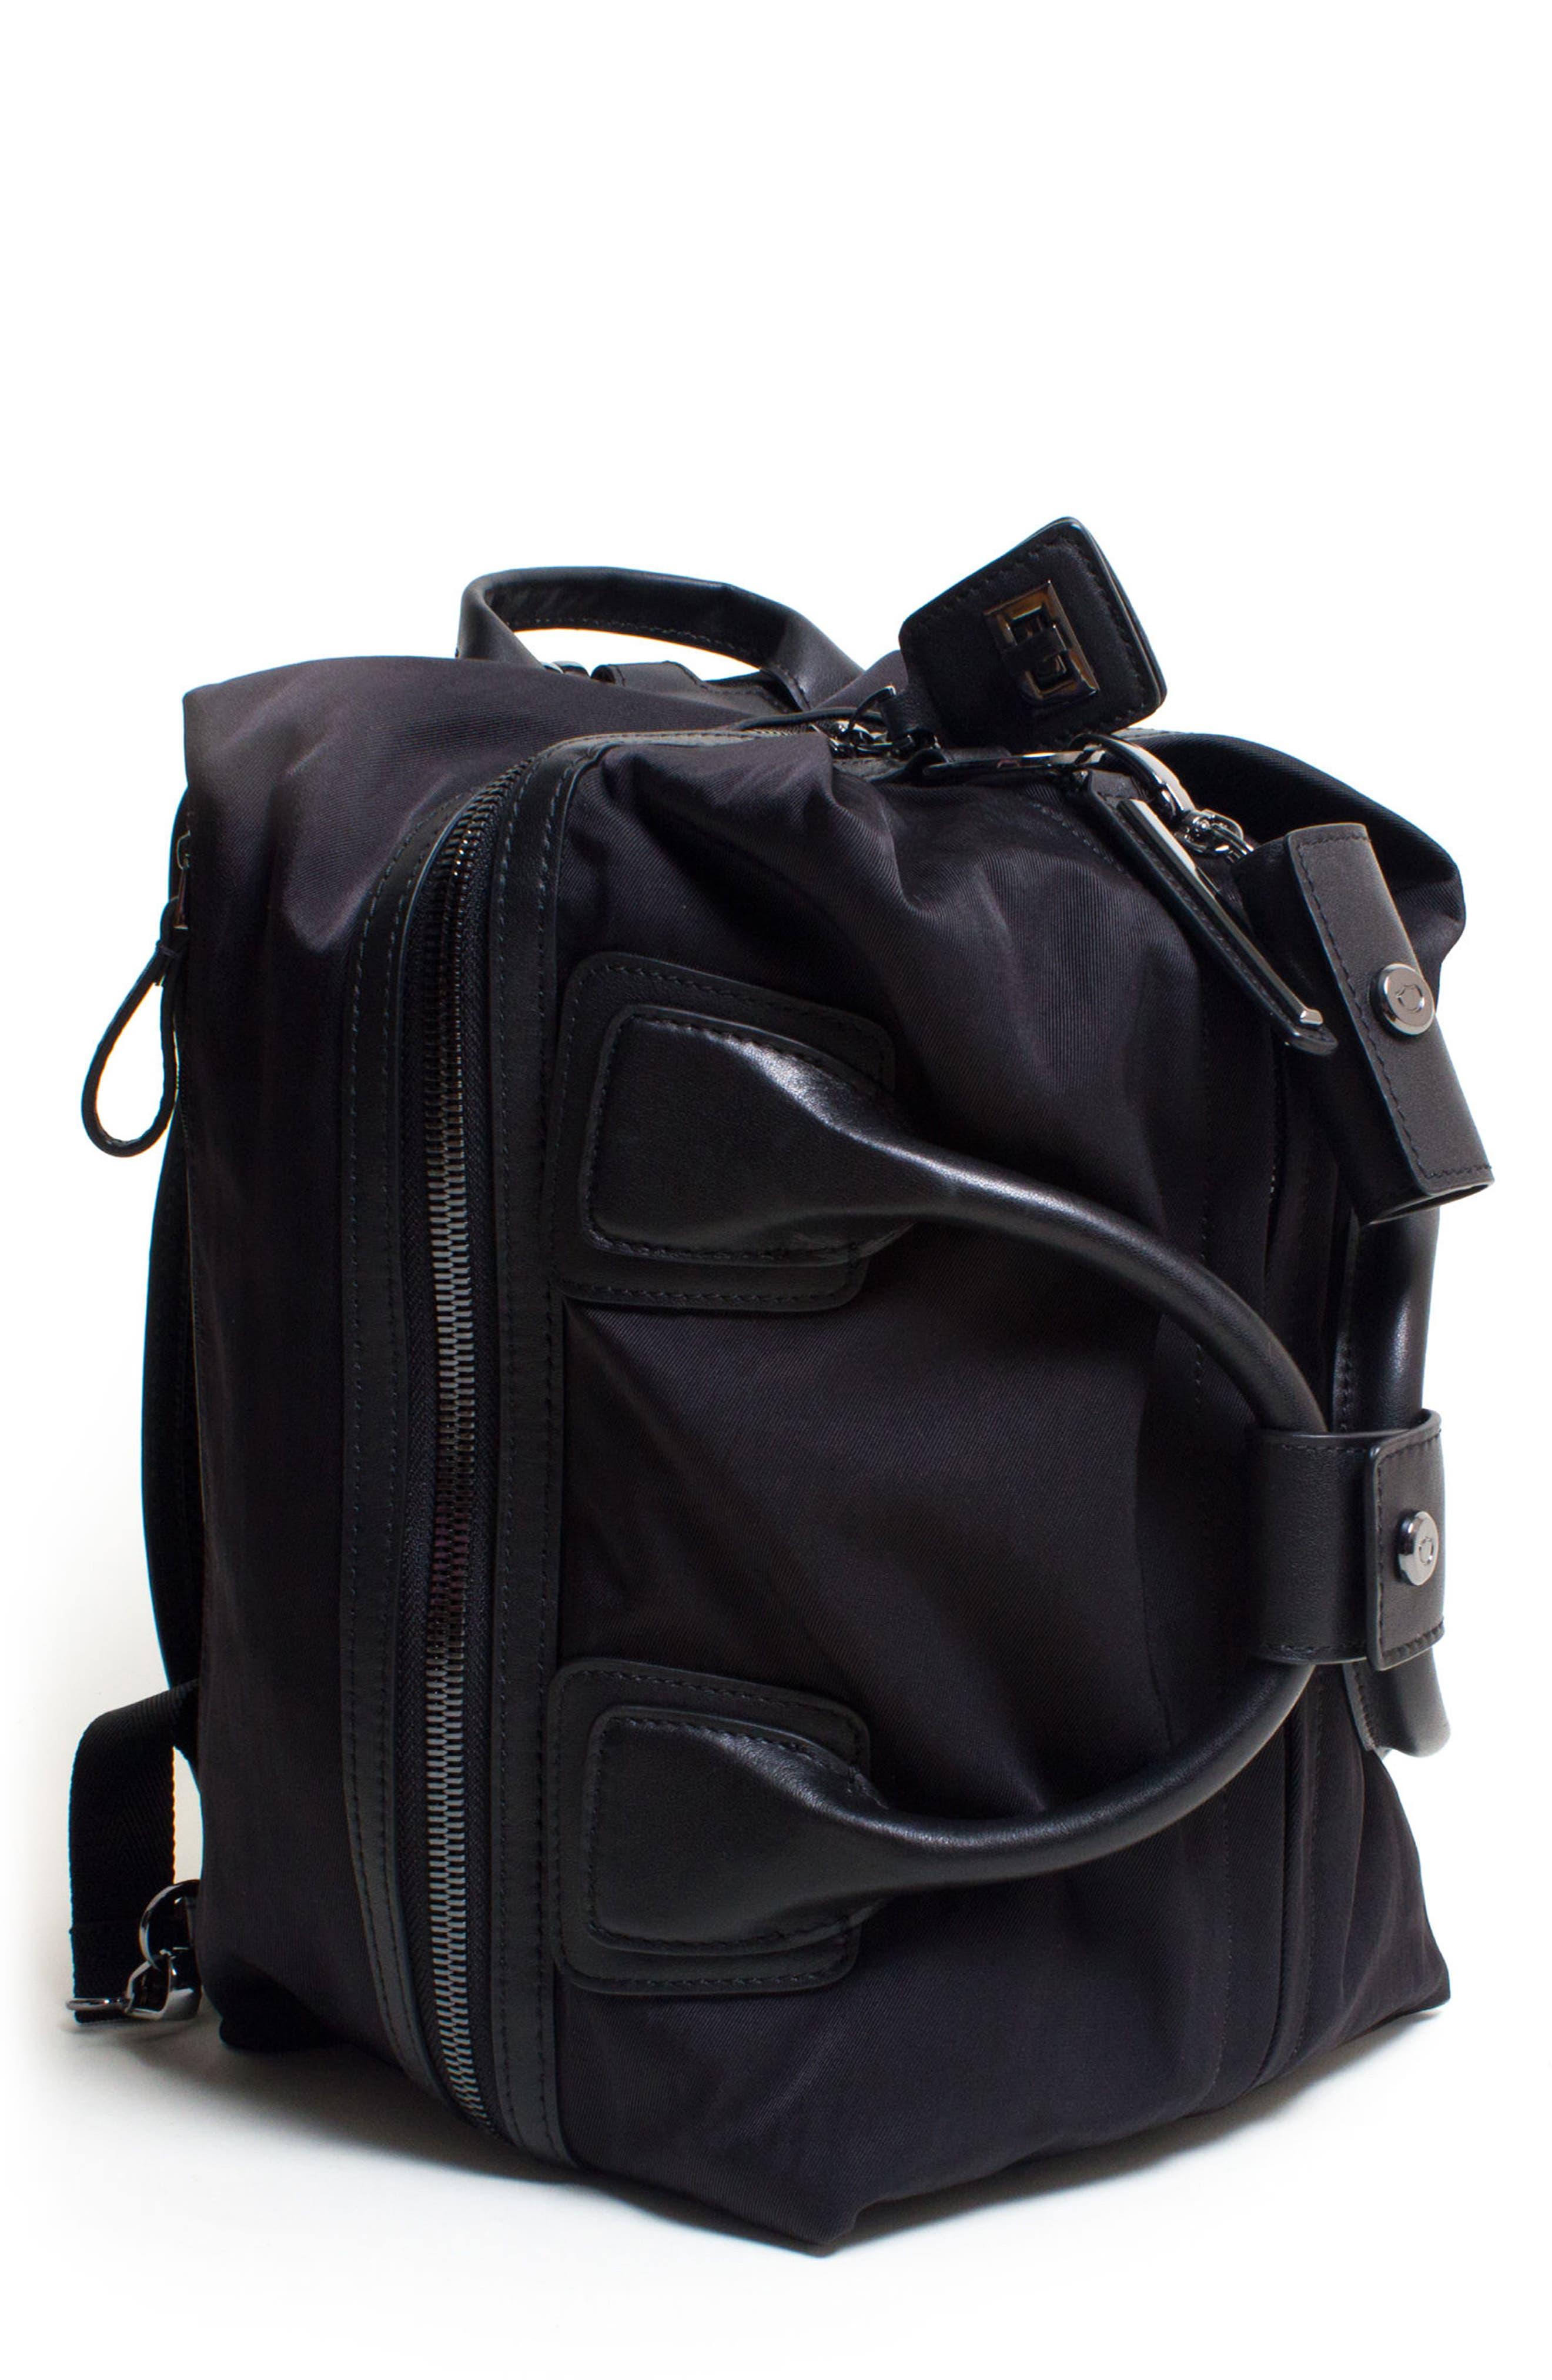 Alternate Image 1 Selected - Caraa Studio Duffel Backpack